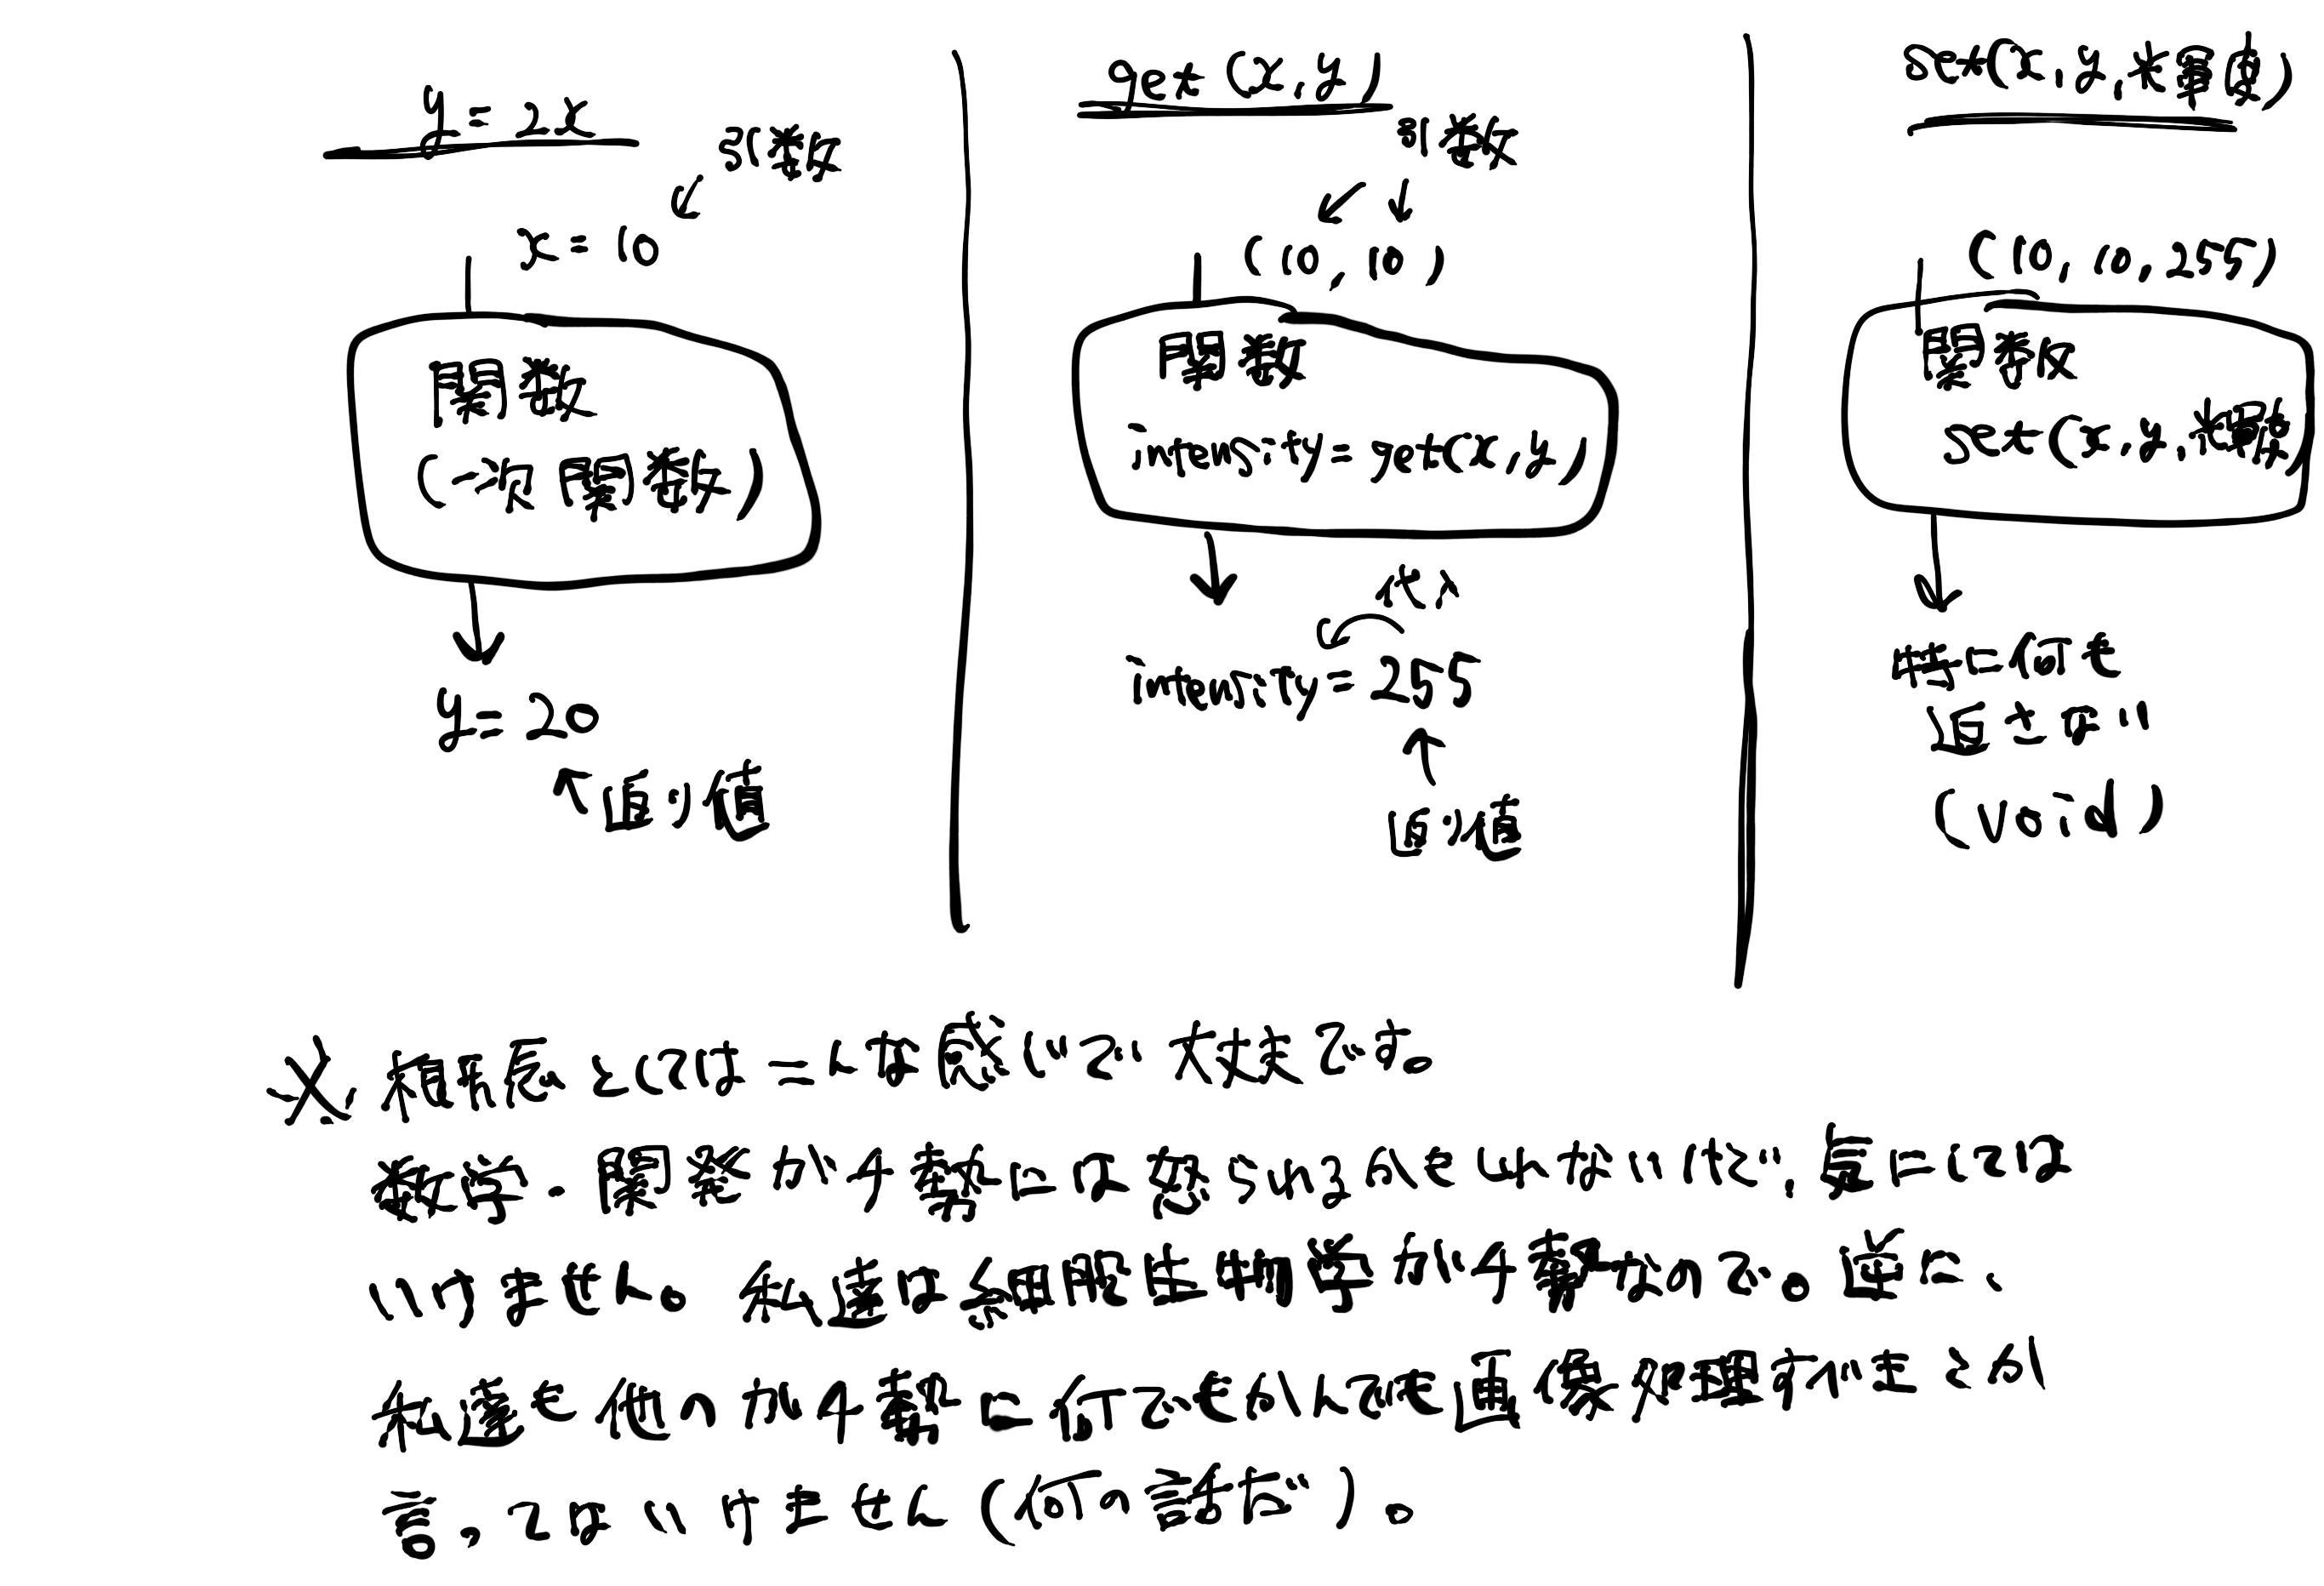 関数の説明